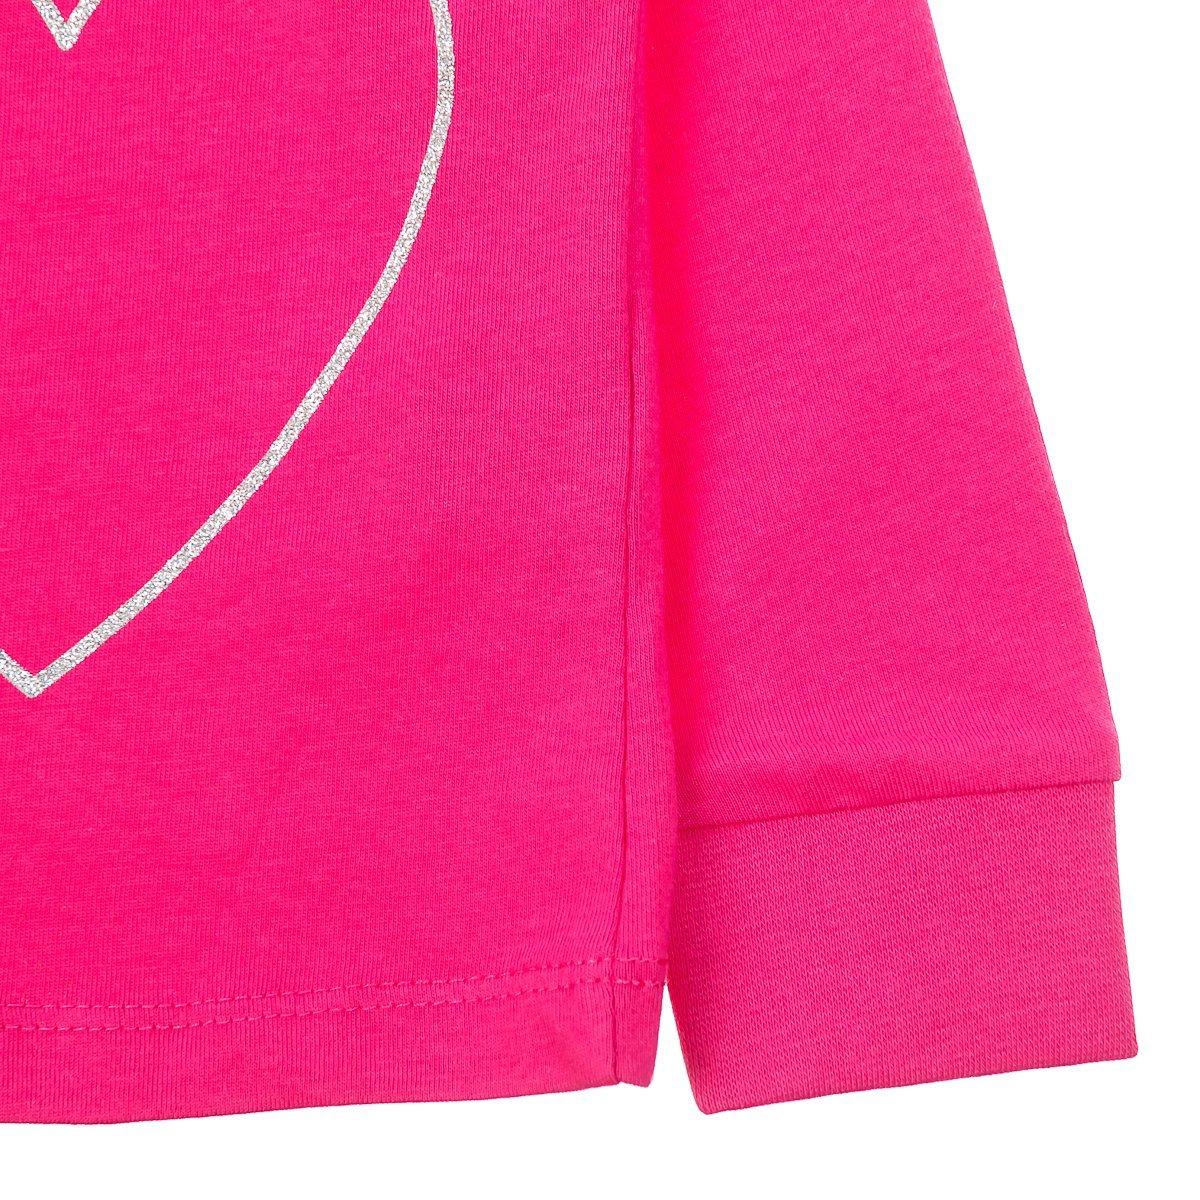 Купить Нижнее белье, пижамы, халаты, Пижама BluKids Love to the Moon and back, р. 128 5264548 ТМ: BluKids, белый с розовым